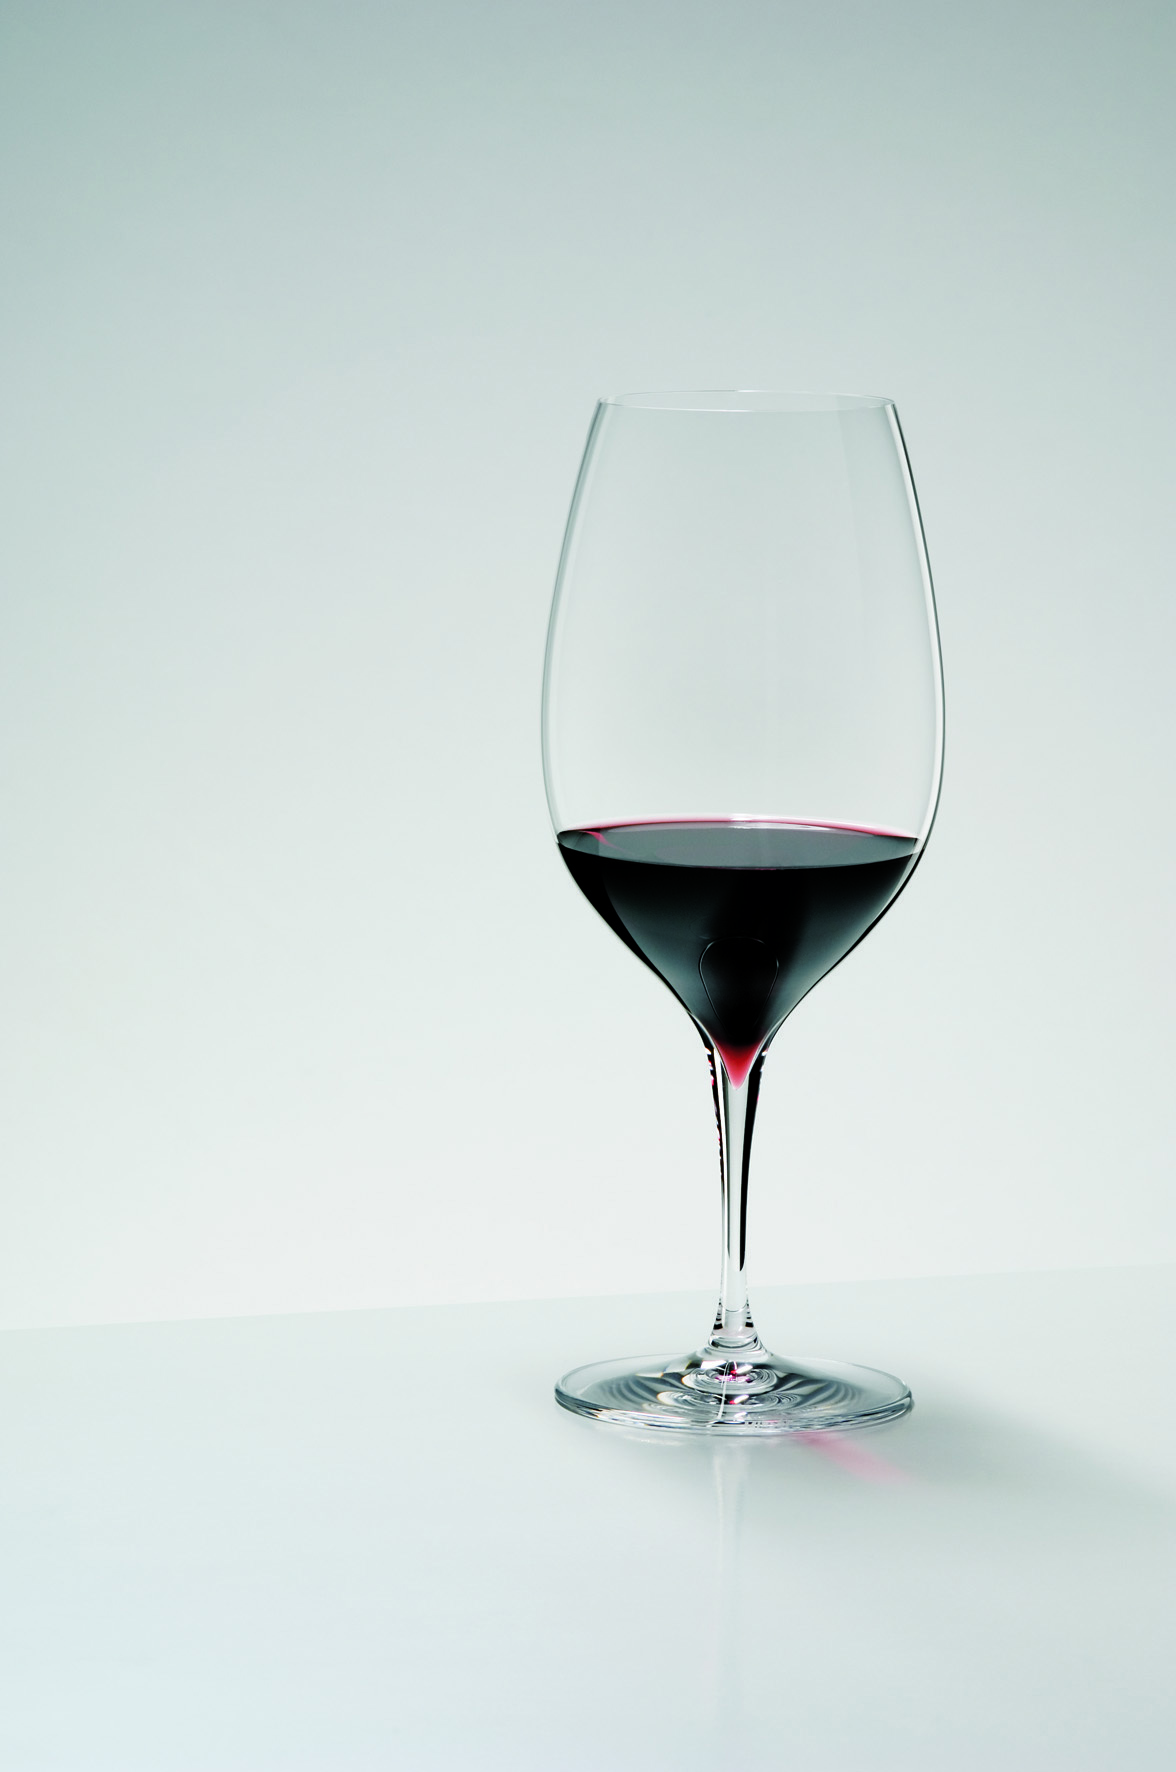 Набор бокалов для красного вина 2 шт 780 мл Riedel Grape@Riedel Syrah/Shiraz